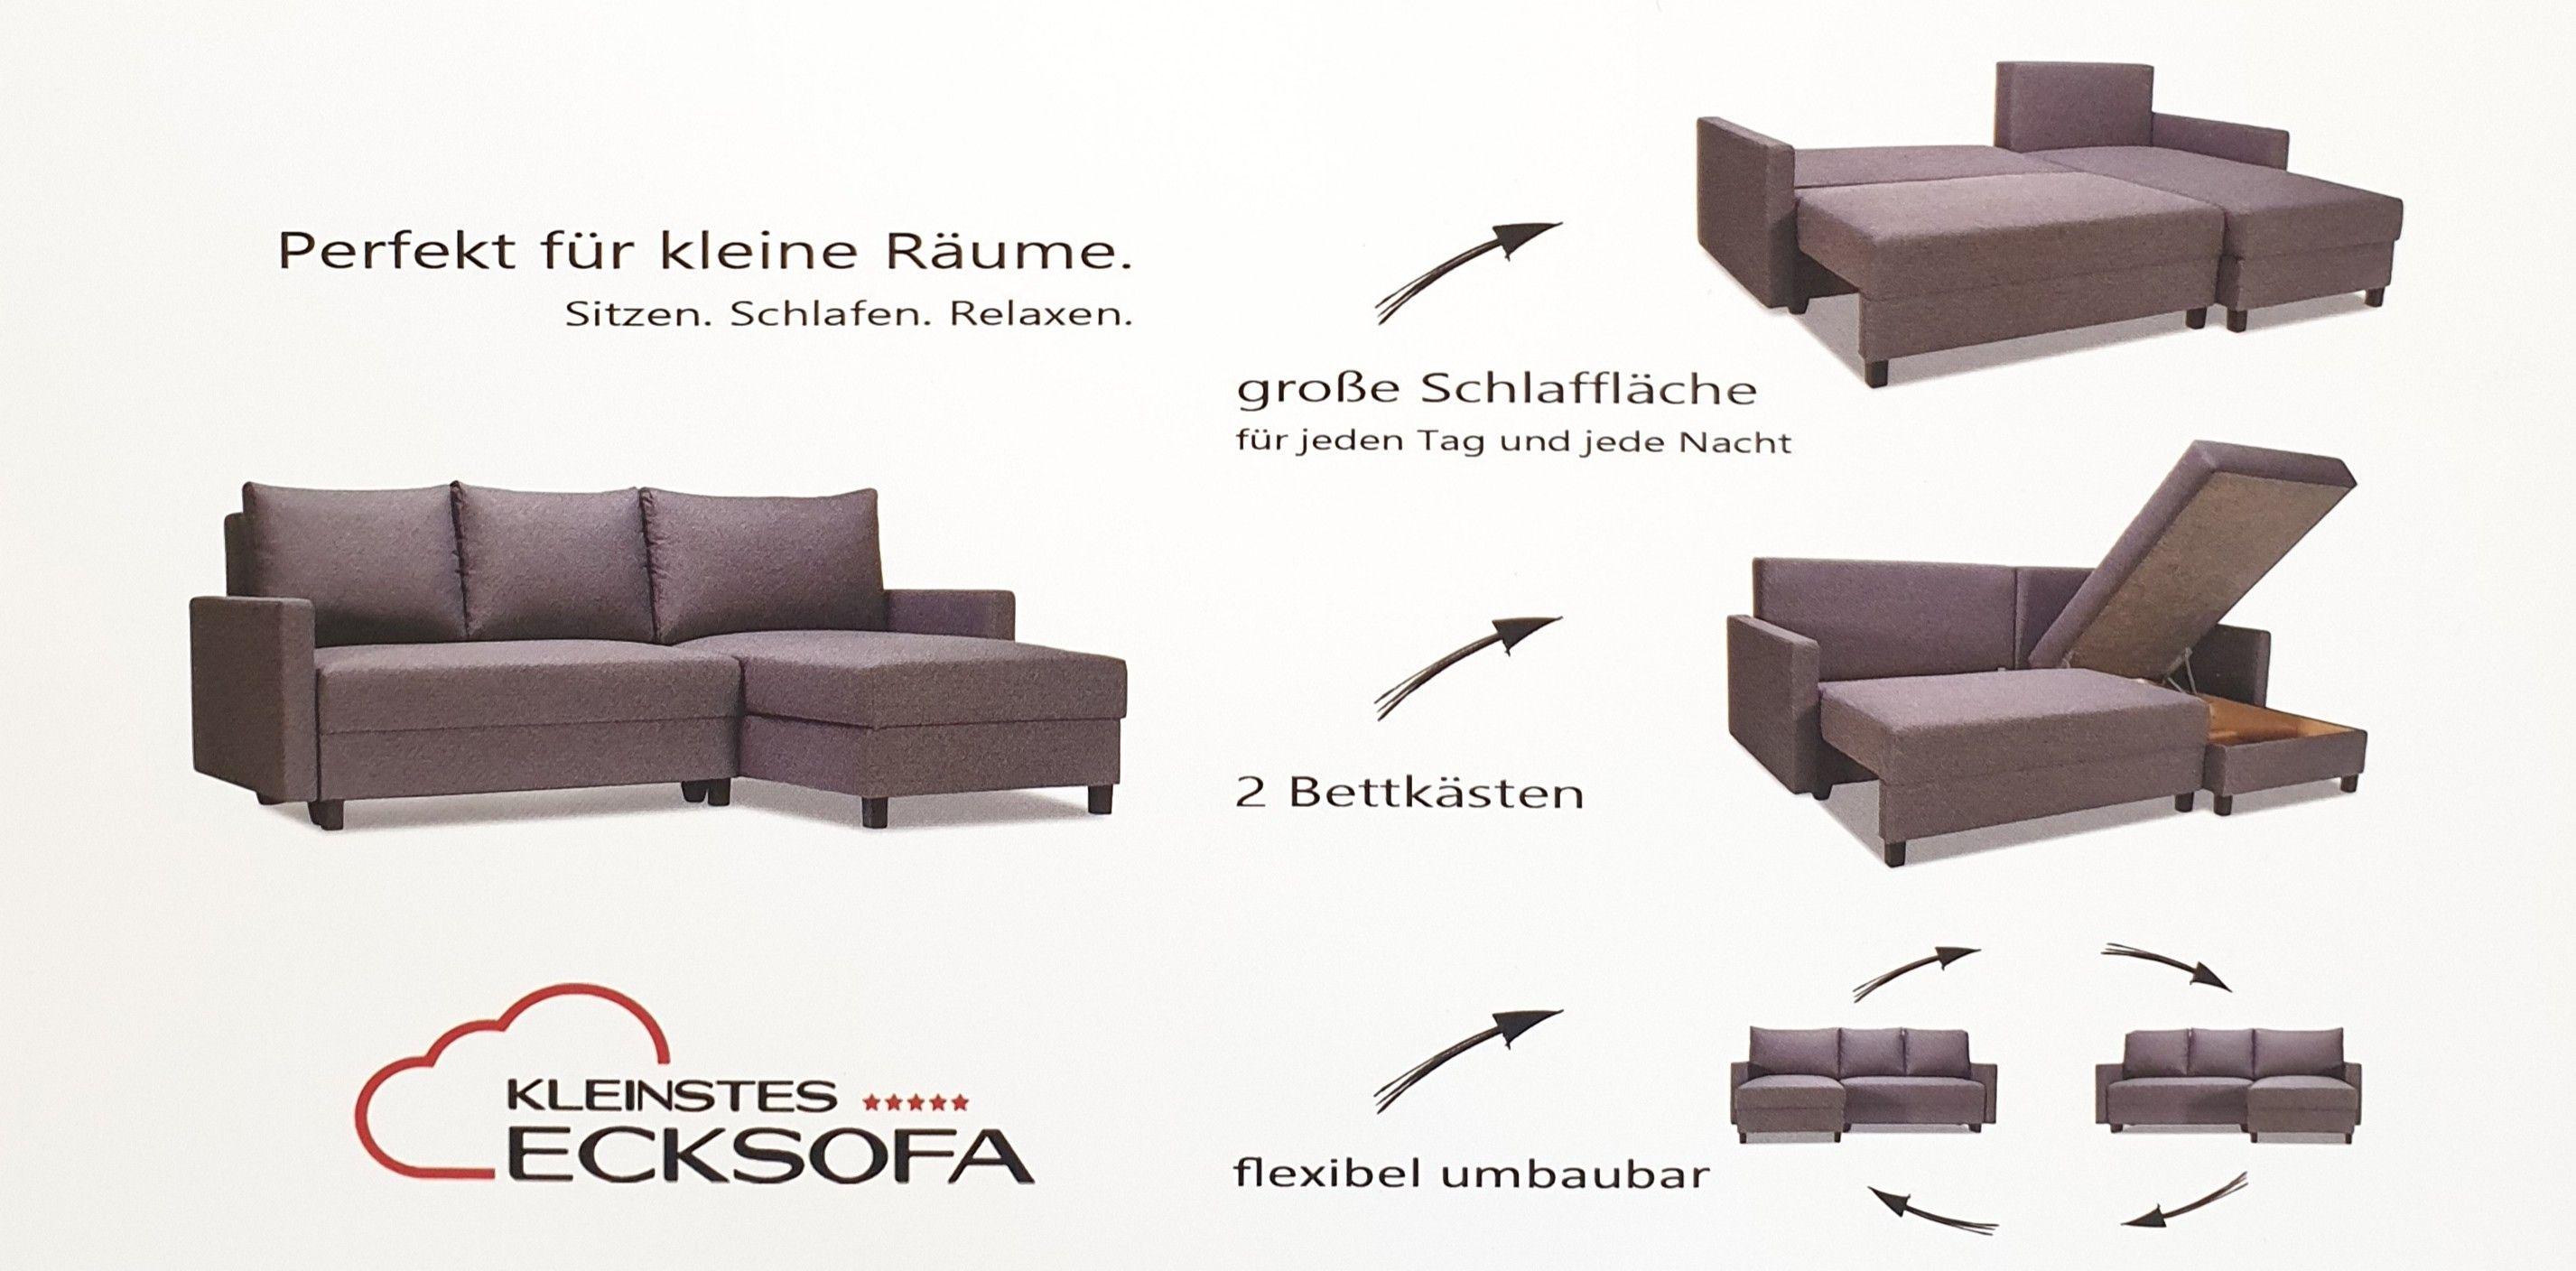 Perfekt Fur Kleine Raume Sofas Fur Kleine Raume Sofa Mit Schlaffunktion Sofa